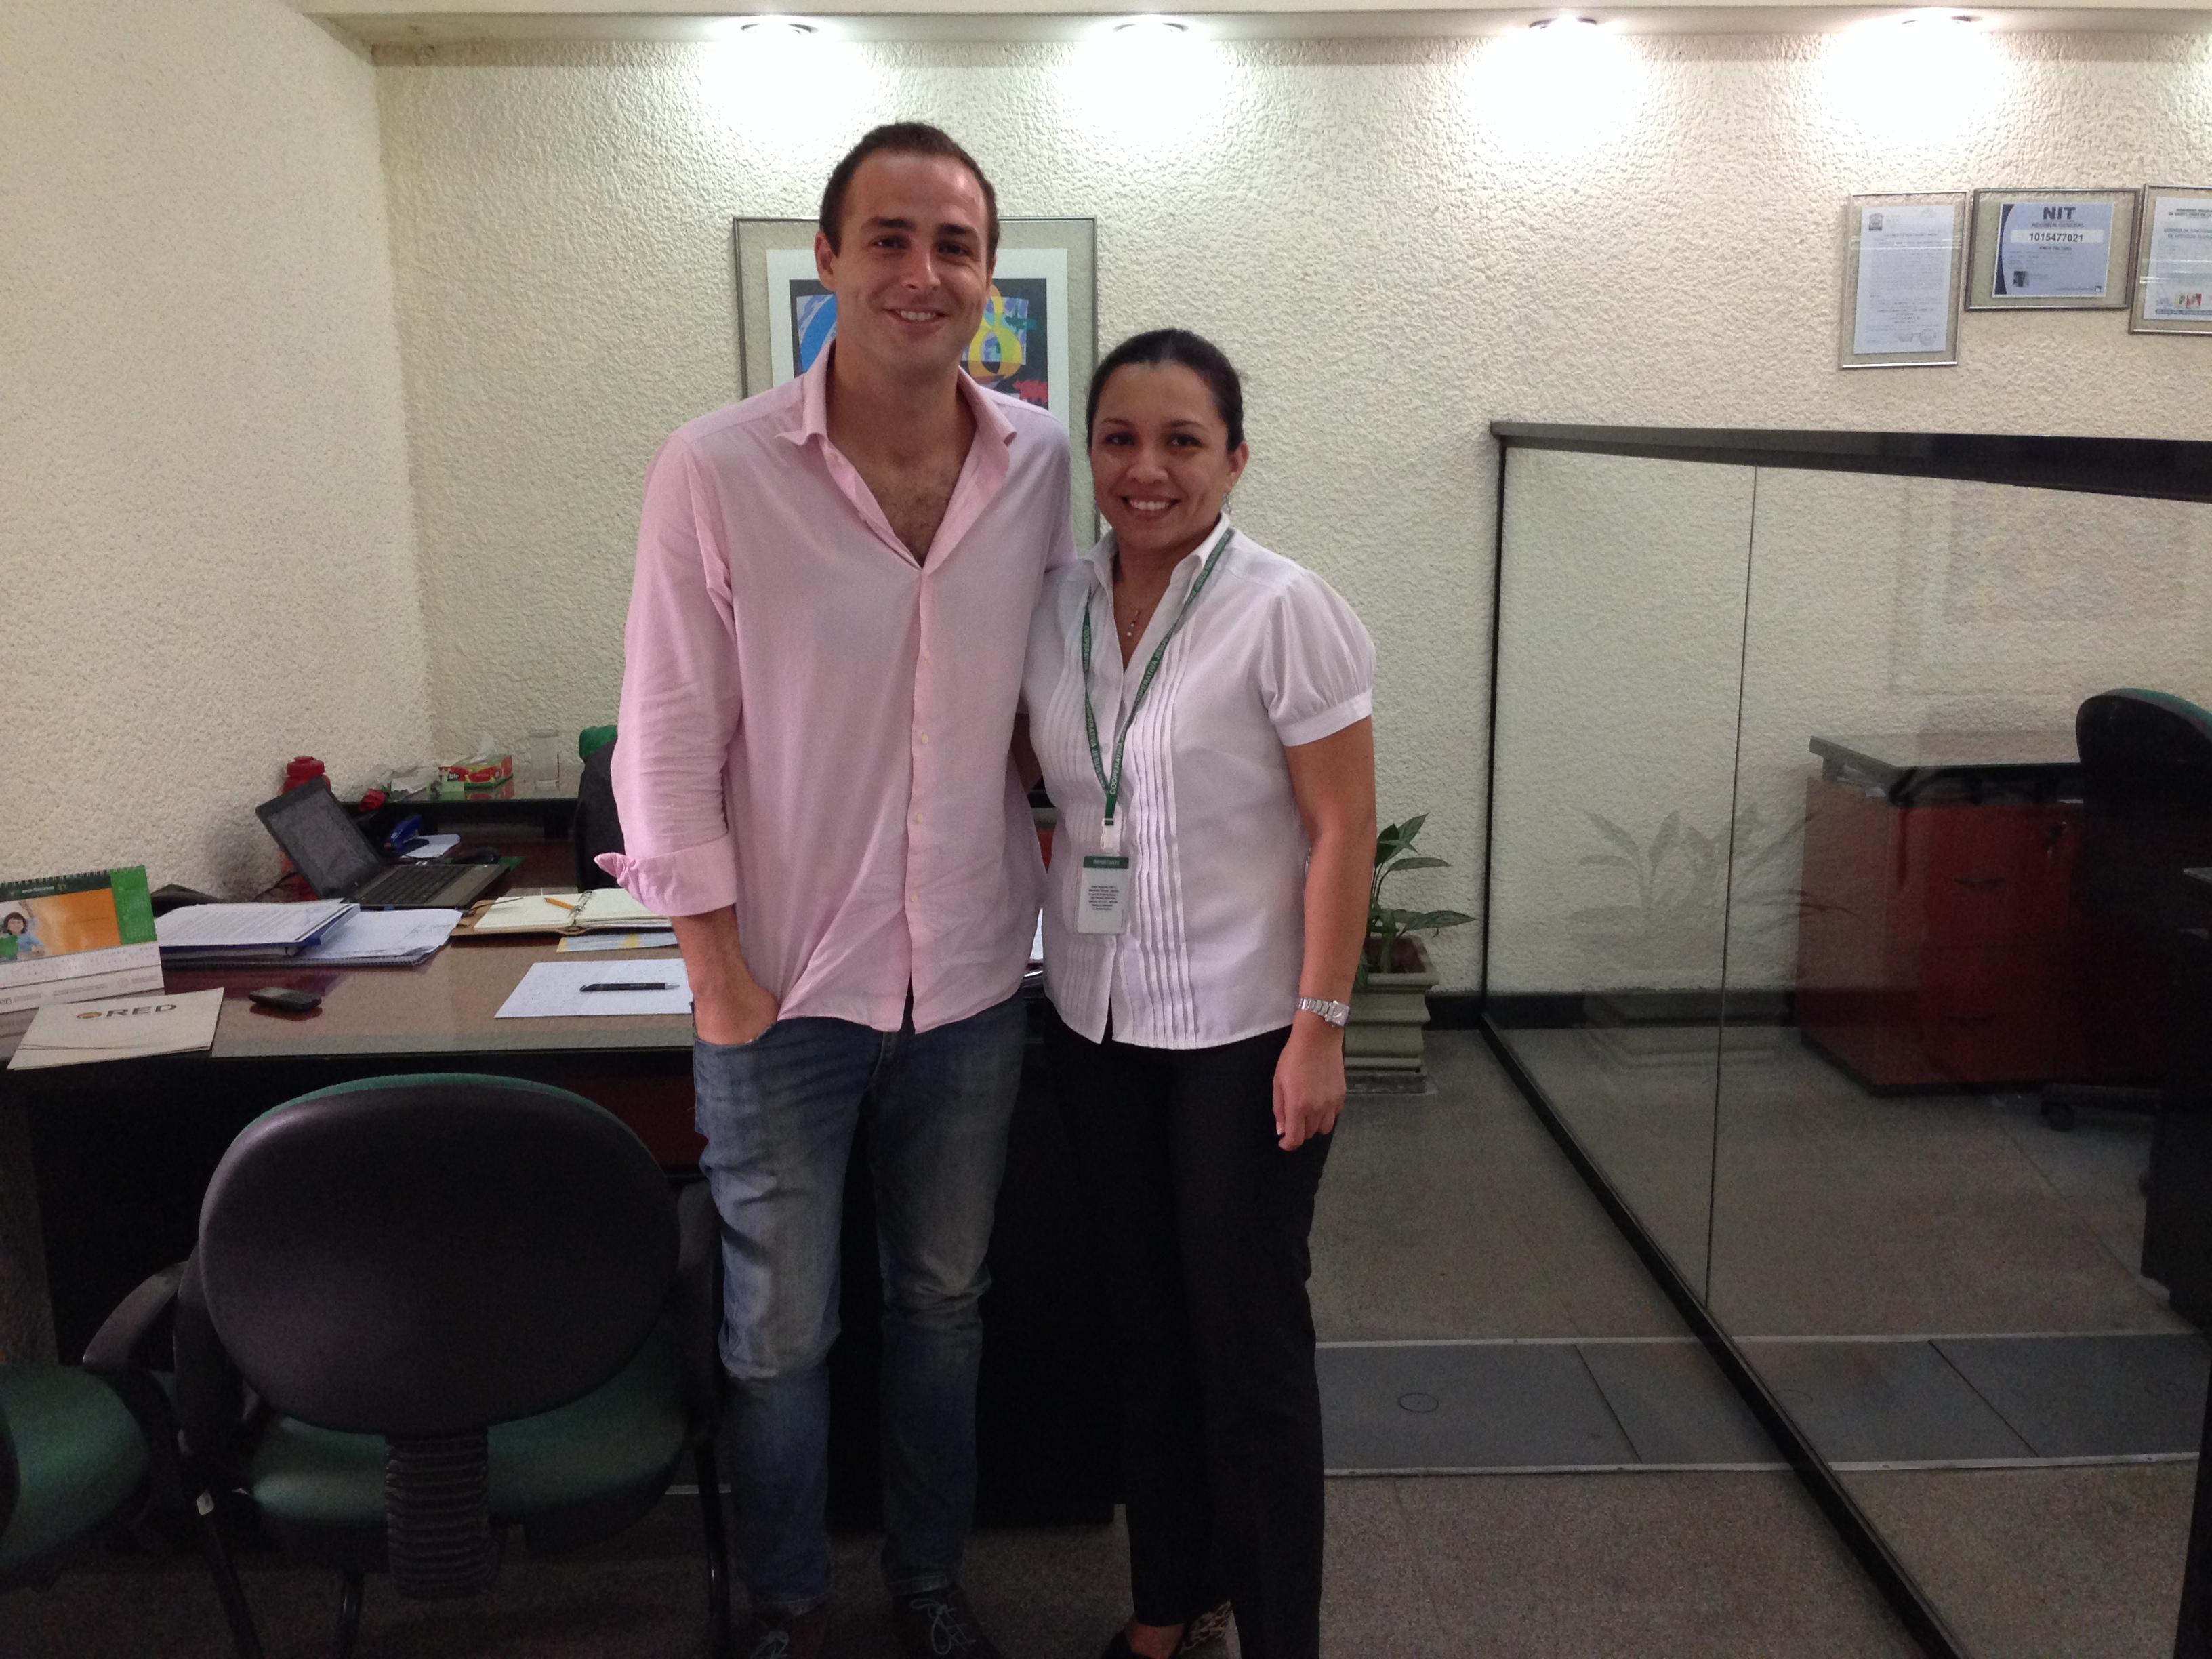 Con Alejandra Pacheco Vidal (Jefe de Captaciones y Servicios) de la Cooperativa Jesús Nazareno